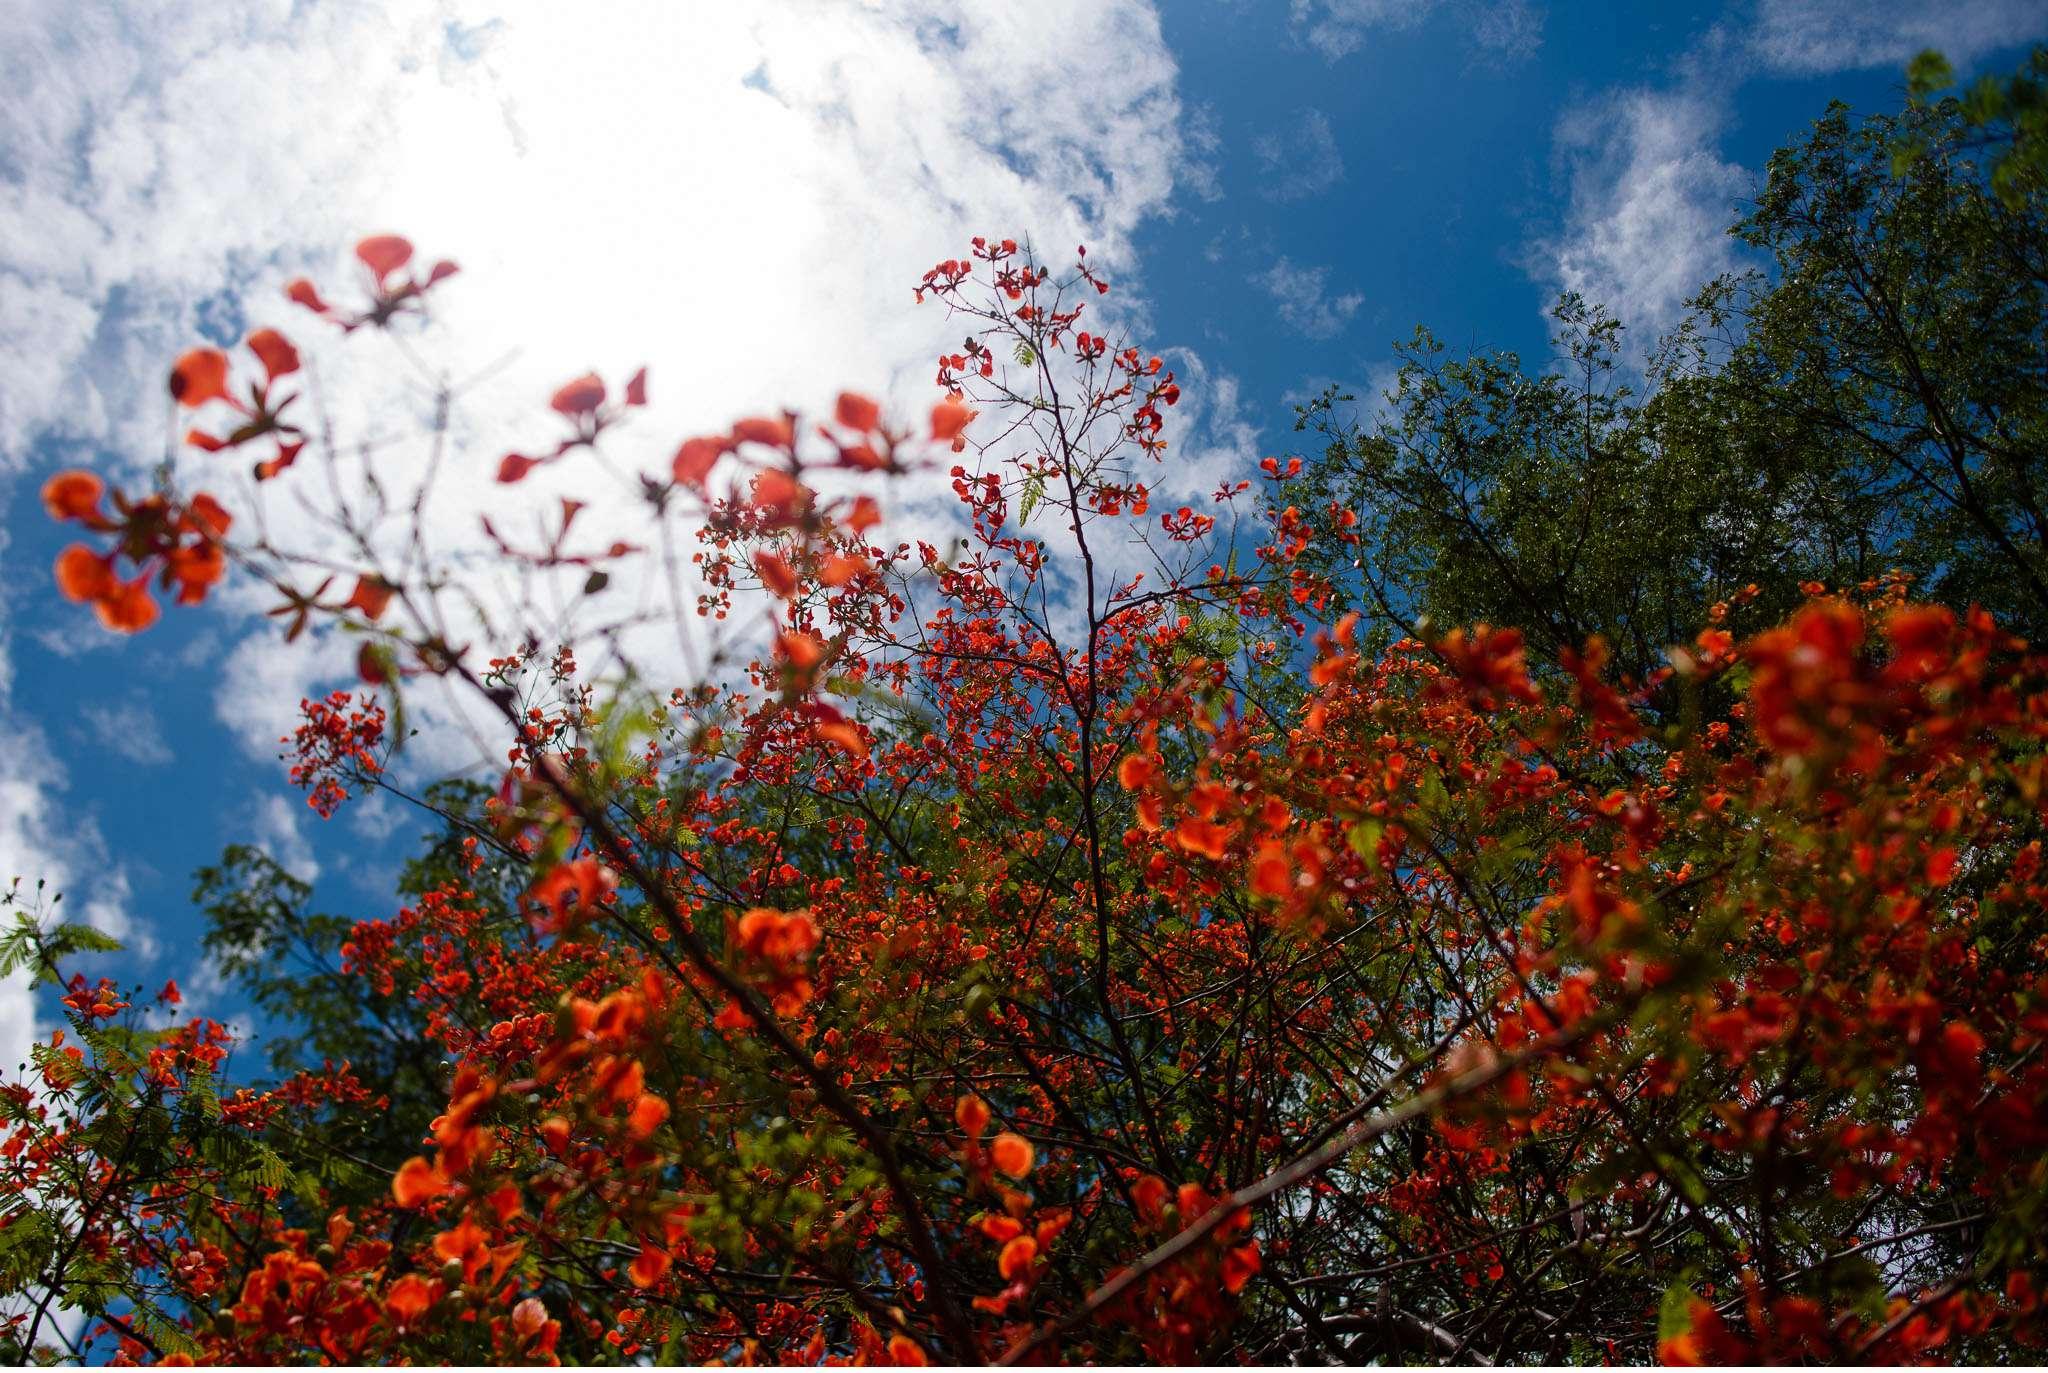 Malawi-Quer durch Afrika- Geschichten von unterwegs by Marion and Daniel-28